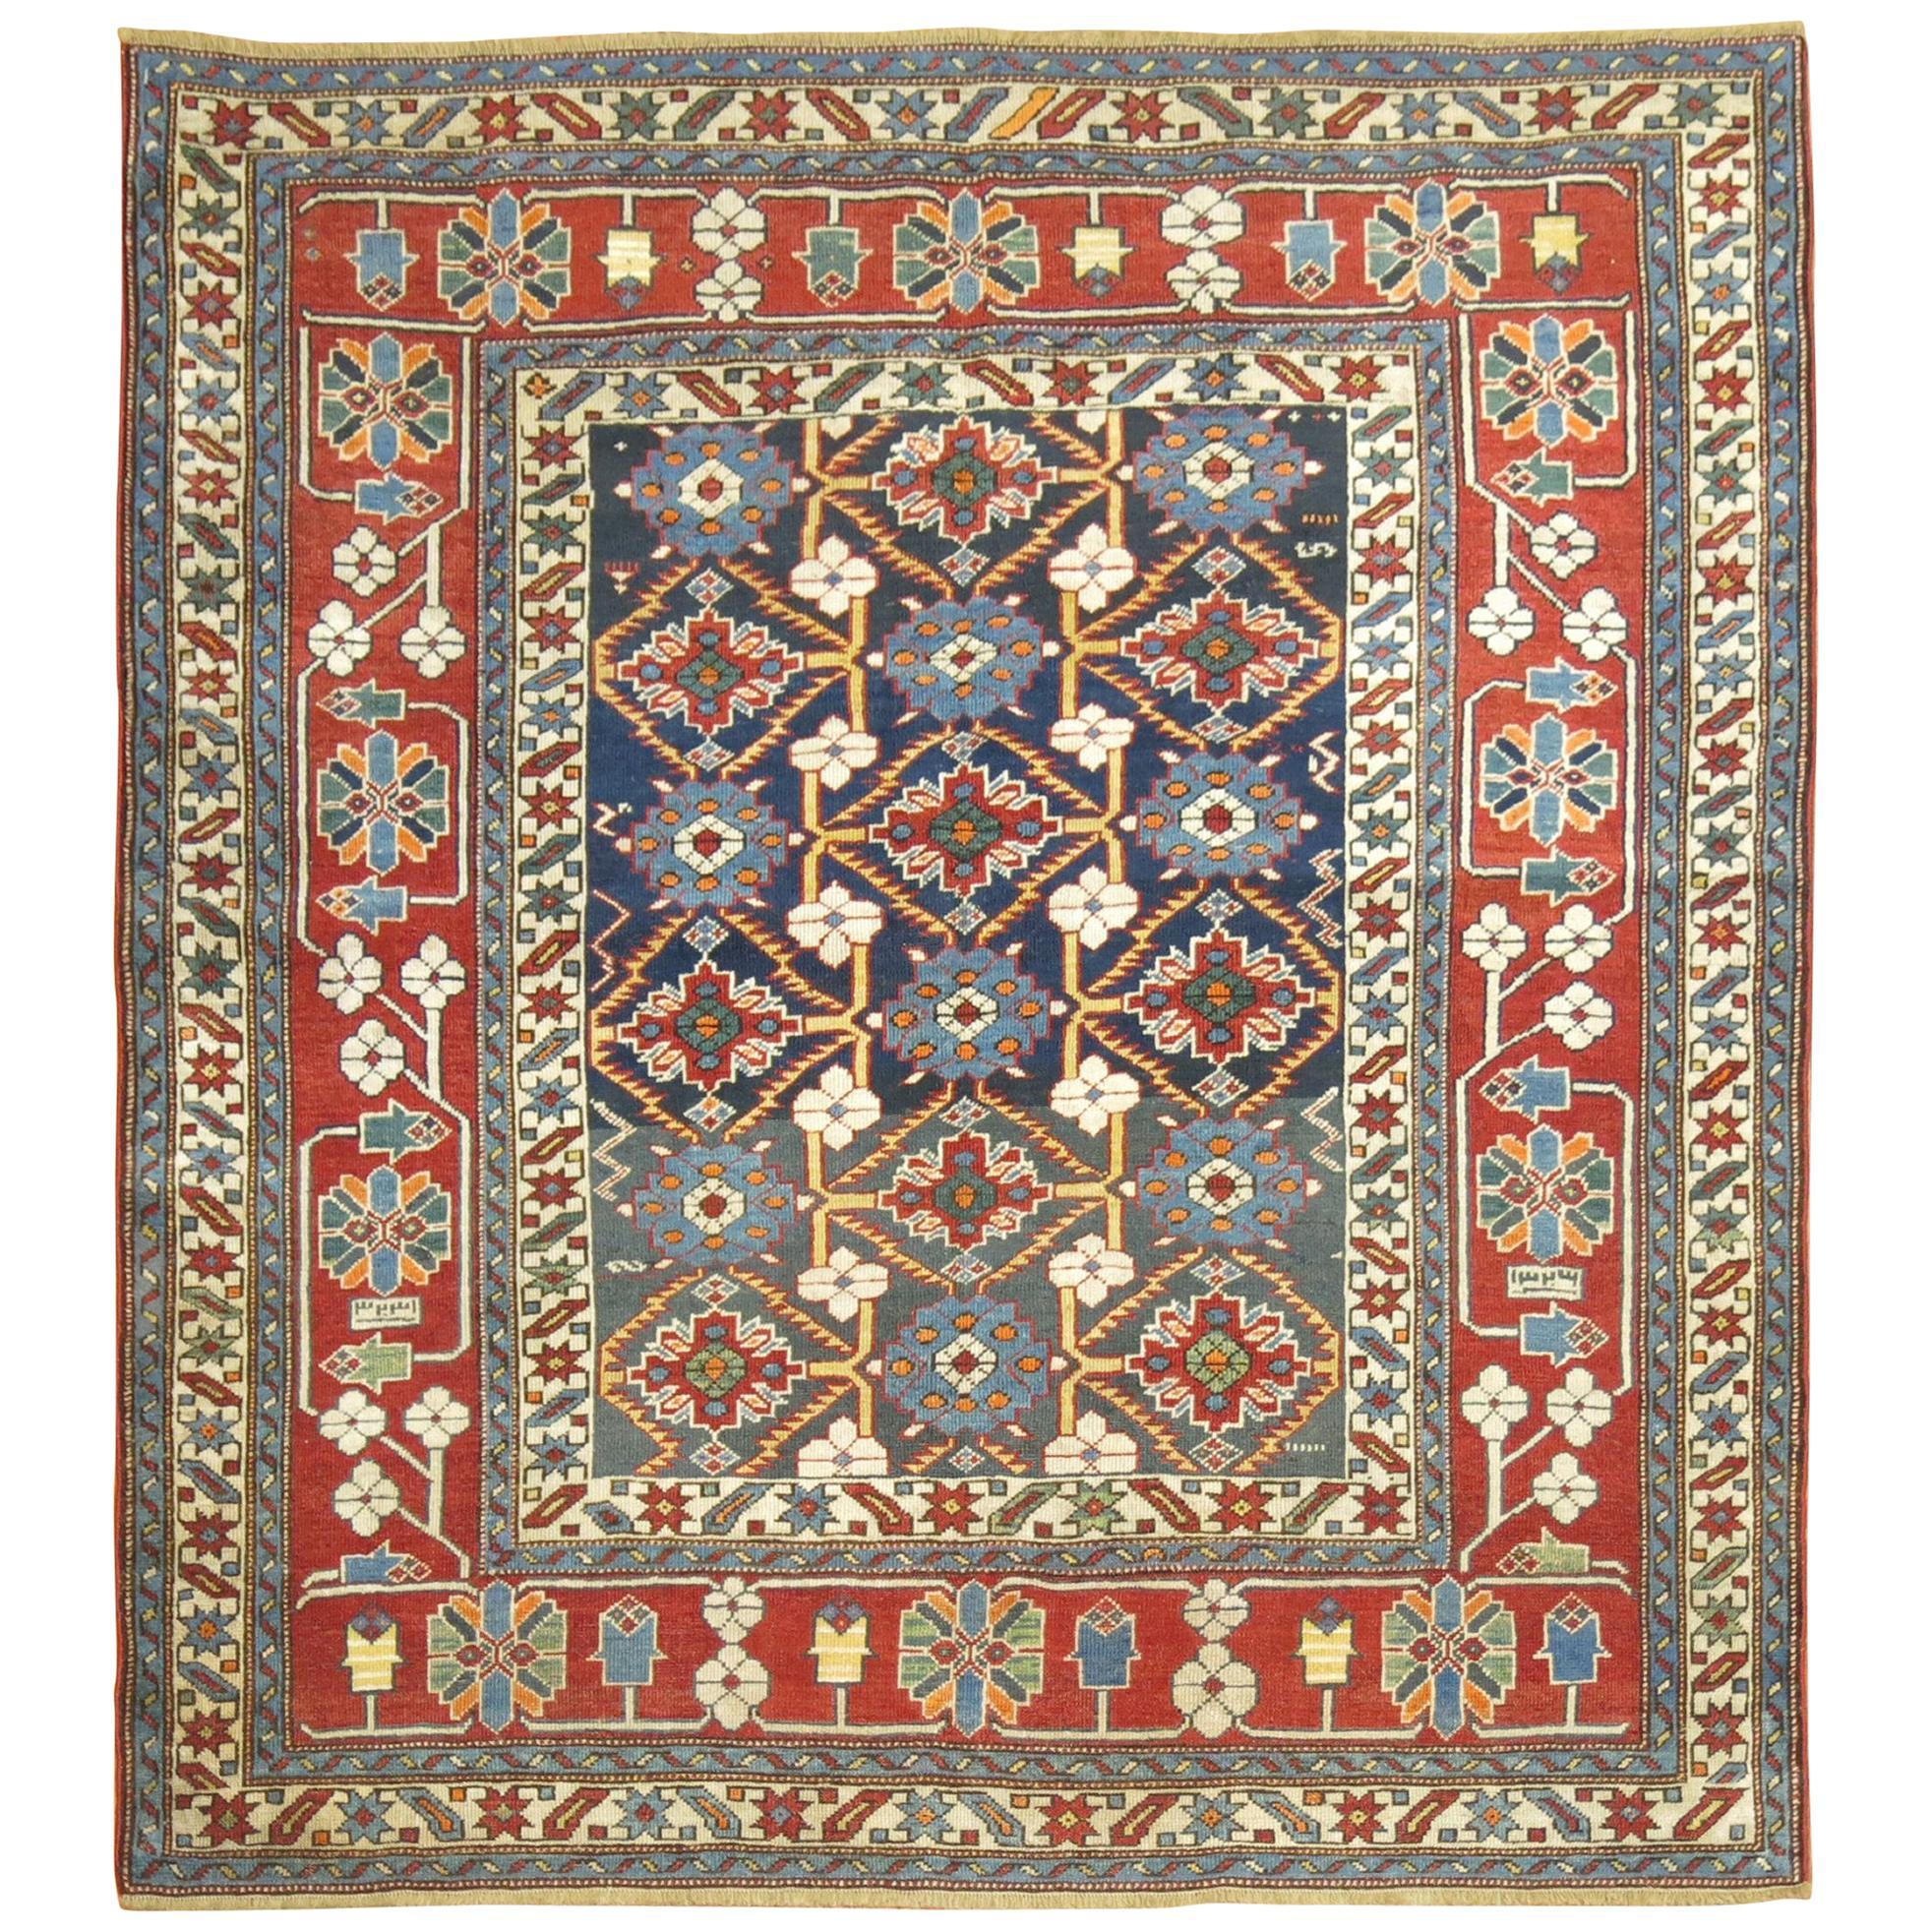 Tribal Geometric Square Antique Caucasian Shirvan Rug